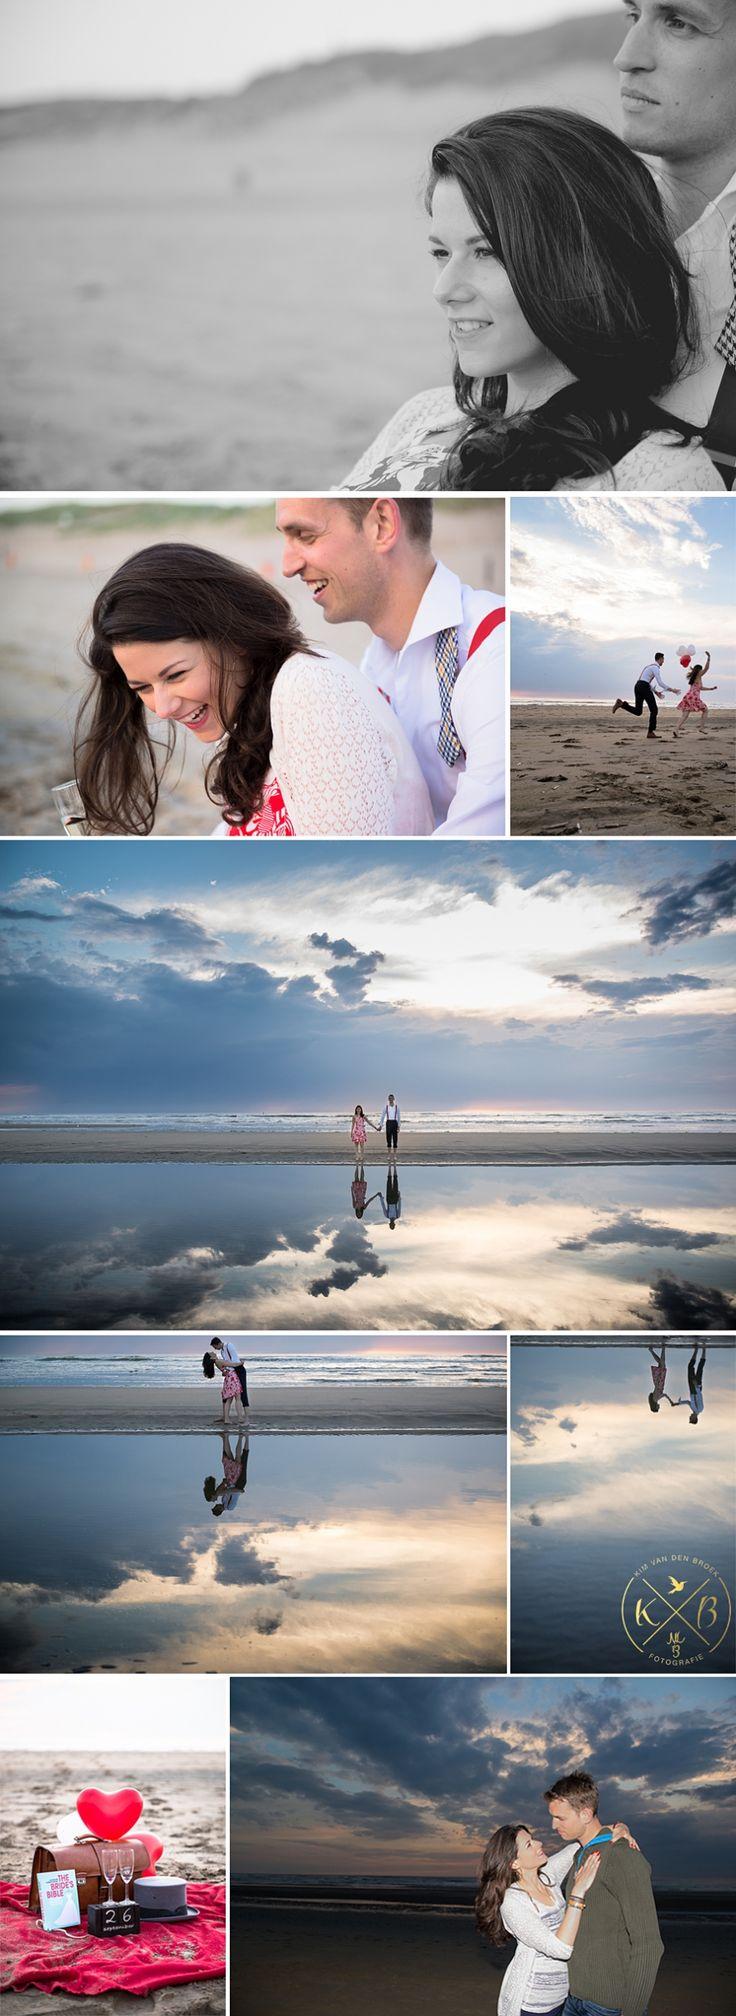 Loveshoot Maarten en Monica, Parnassia aan Zee, Bloemendaal, The Netherlands. by www.kimvandenbroek.nl #Engagement